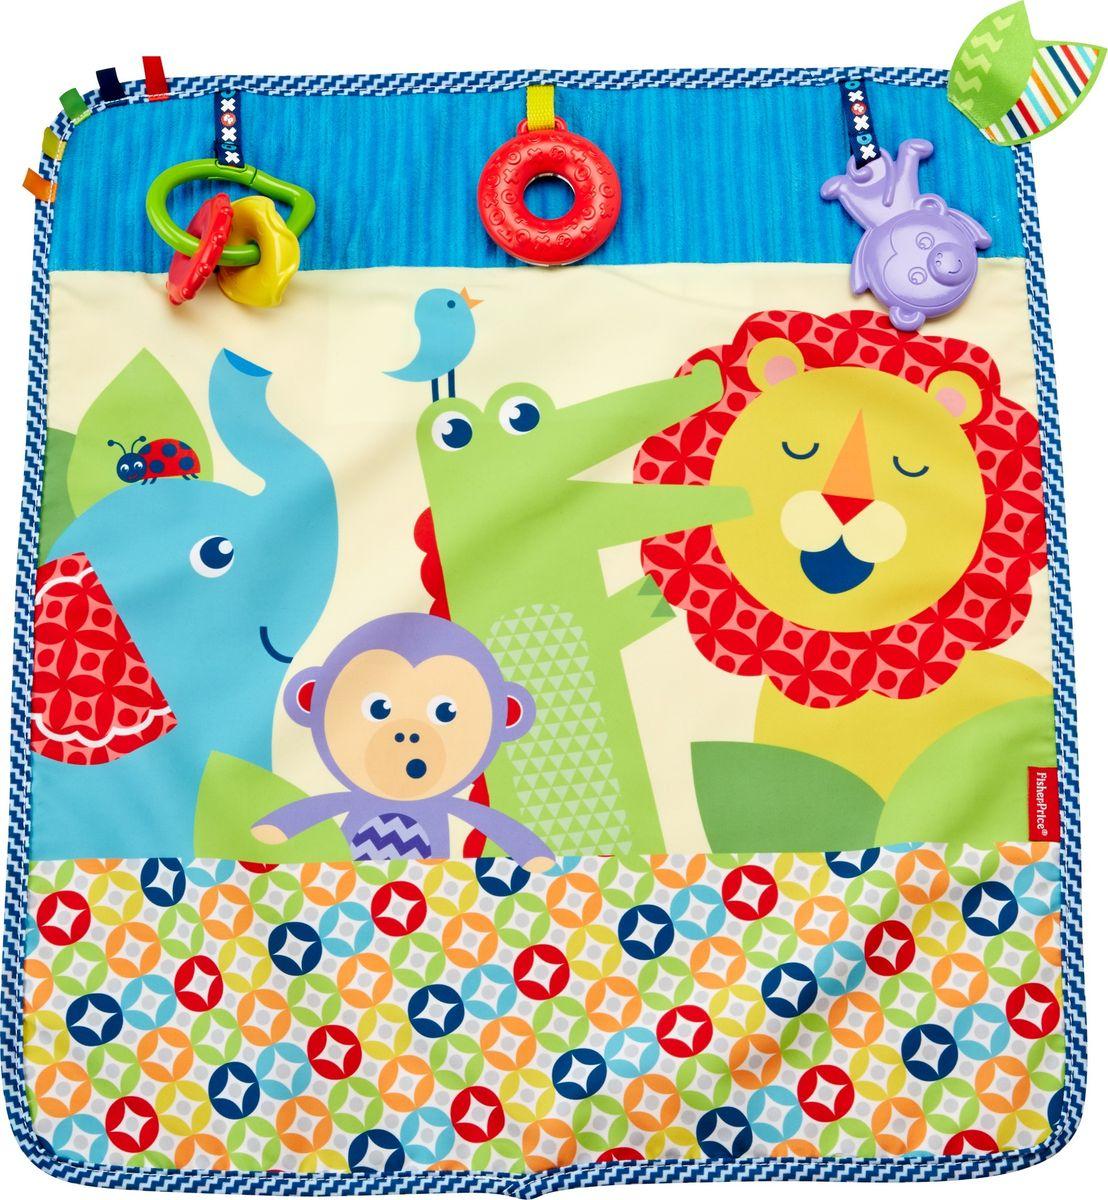 Fisher-Price Развивающая игрушка Мягкое одеяло Пойдем на прогулку 40 х 60 см музыкальный мобиль fisher price мечты о бабочках cdn41